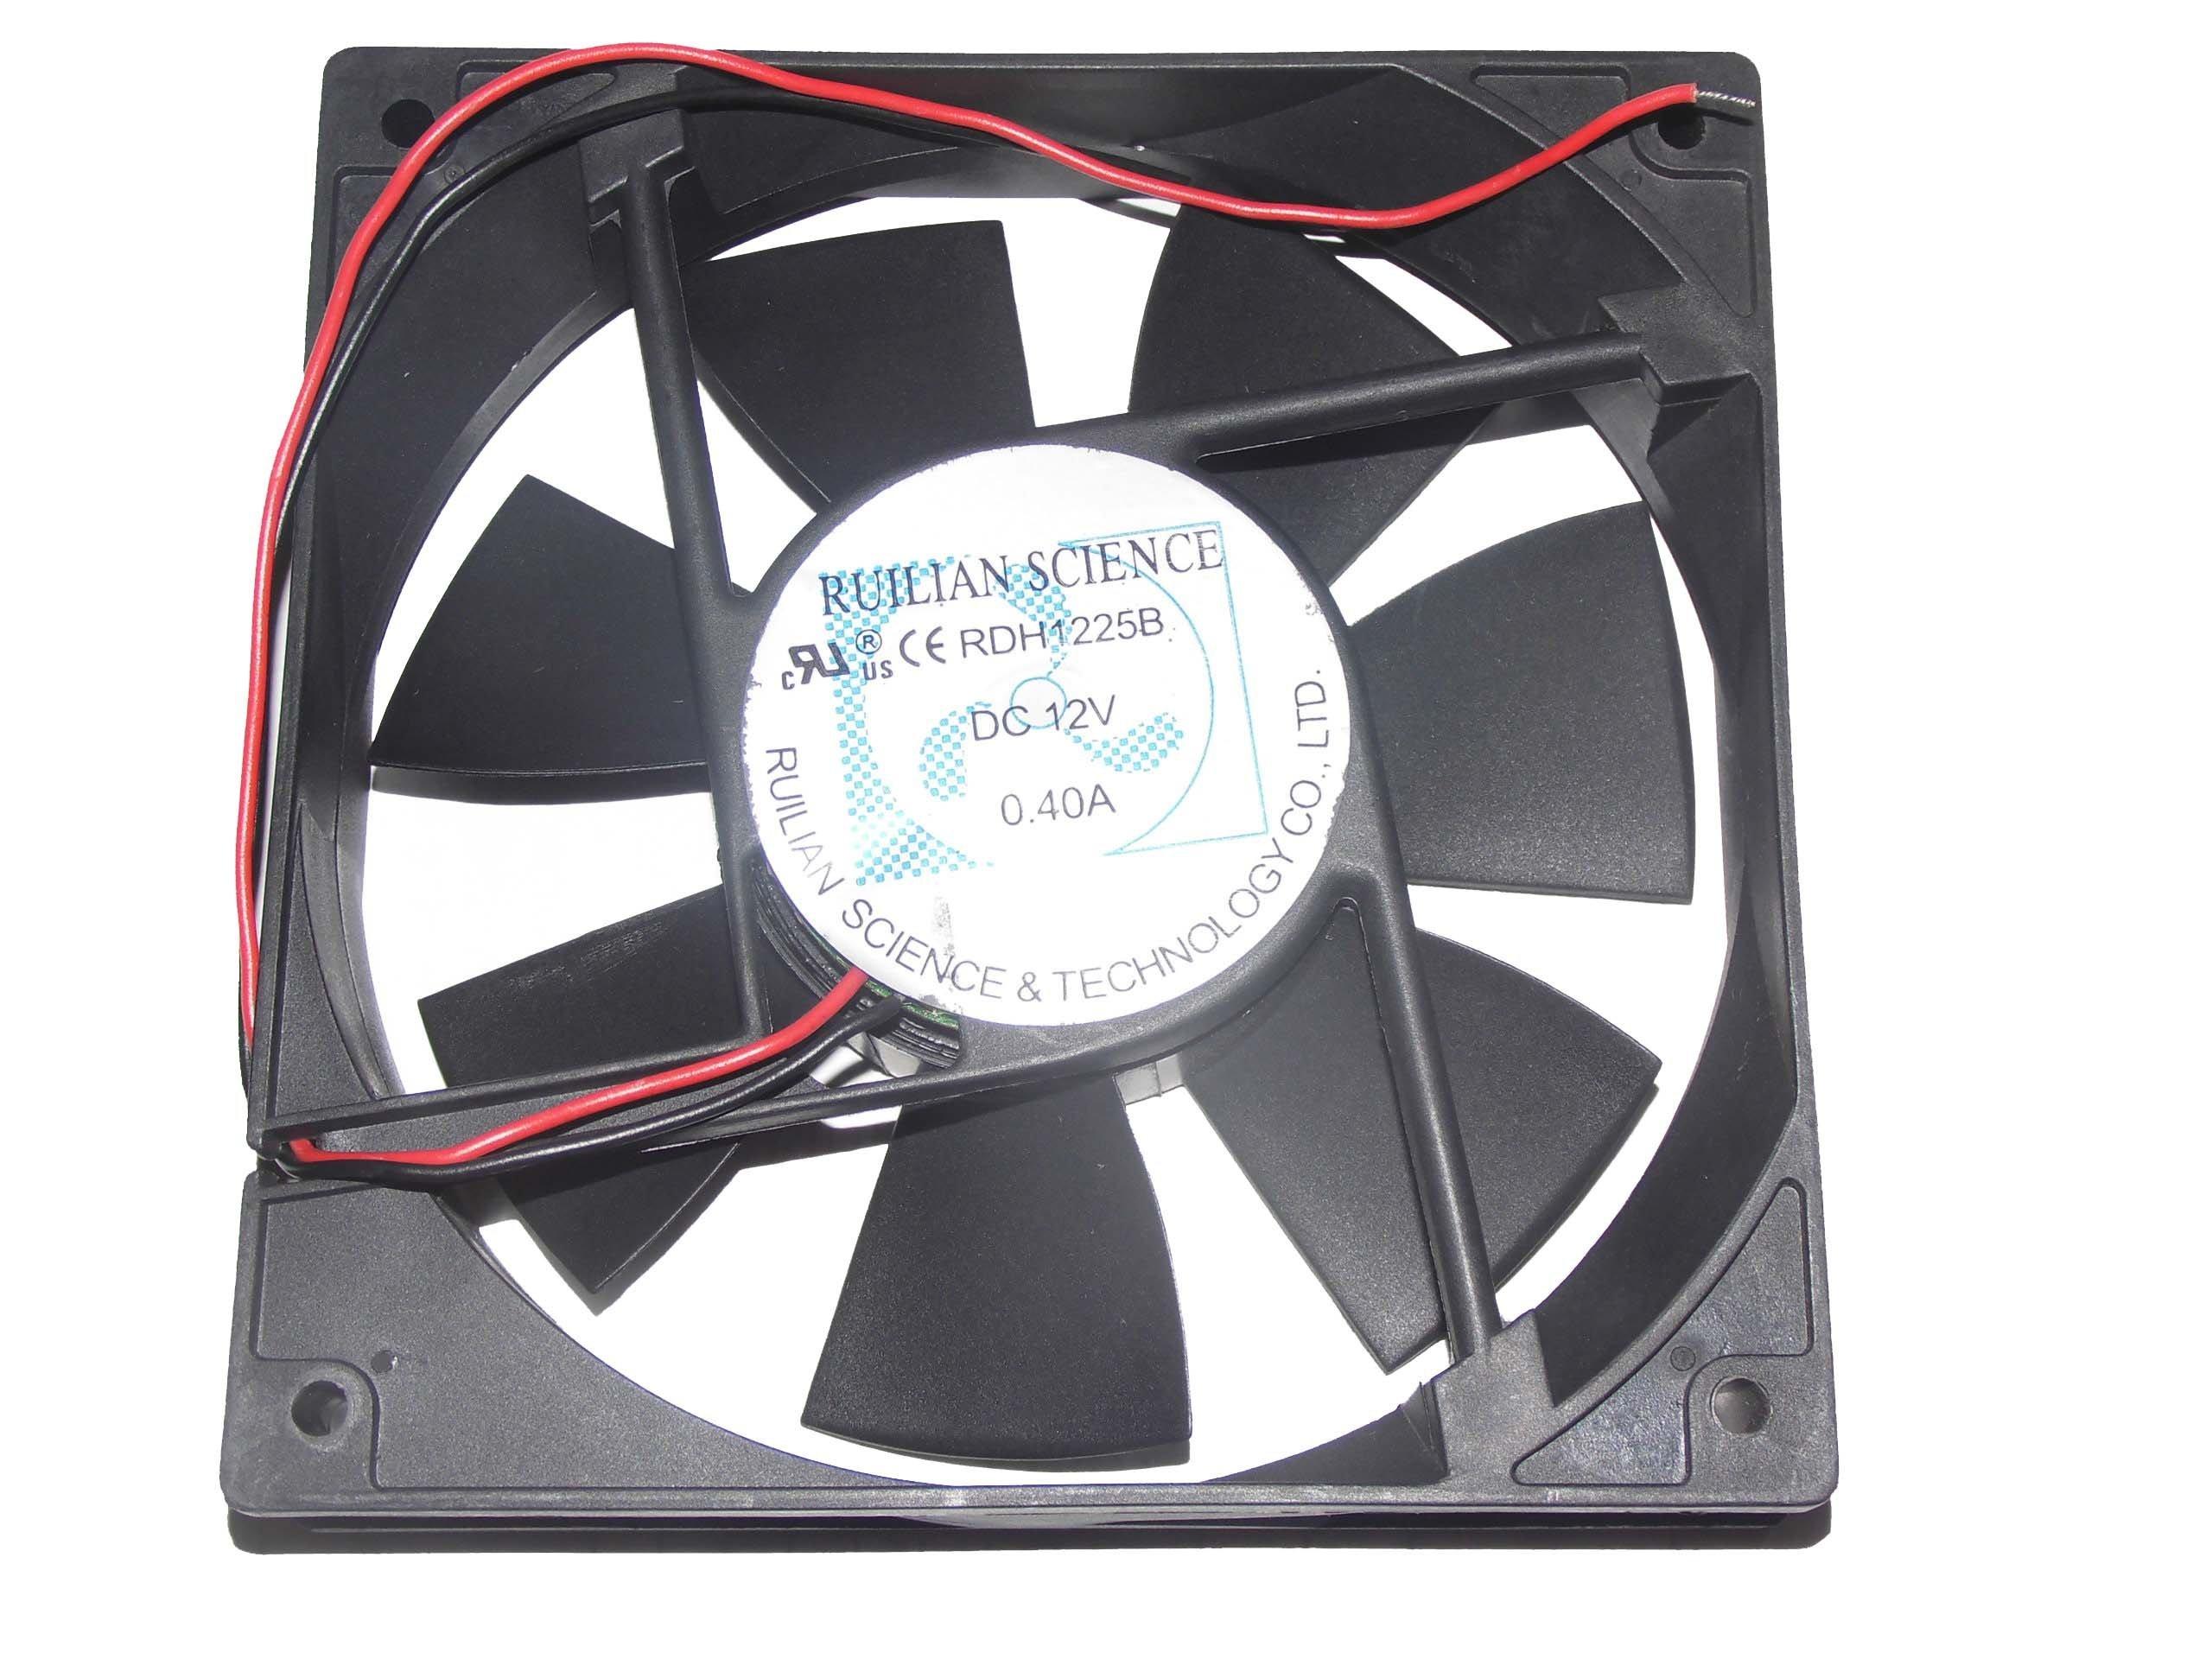 120x120x25mm RDH1225B 12V 0.40A 2Wire 12cm Case Fan by Zyvpee